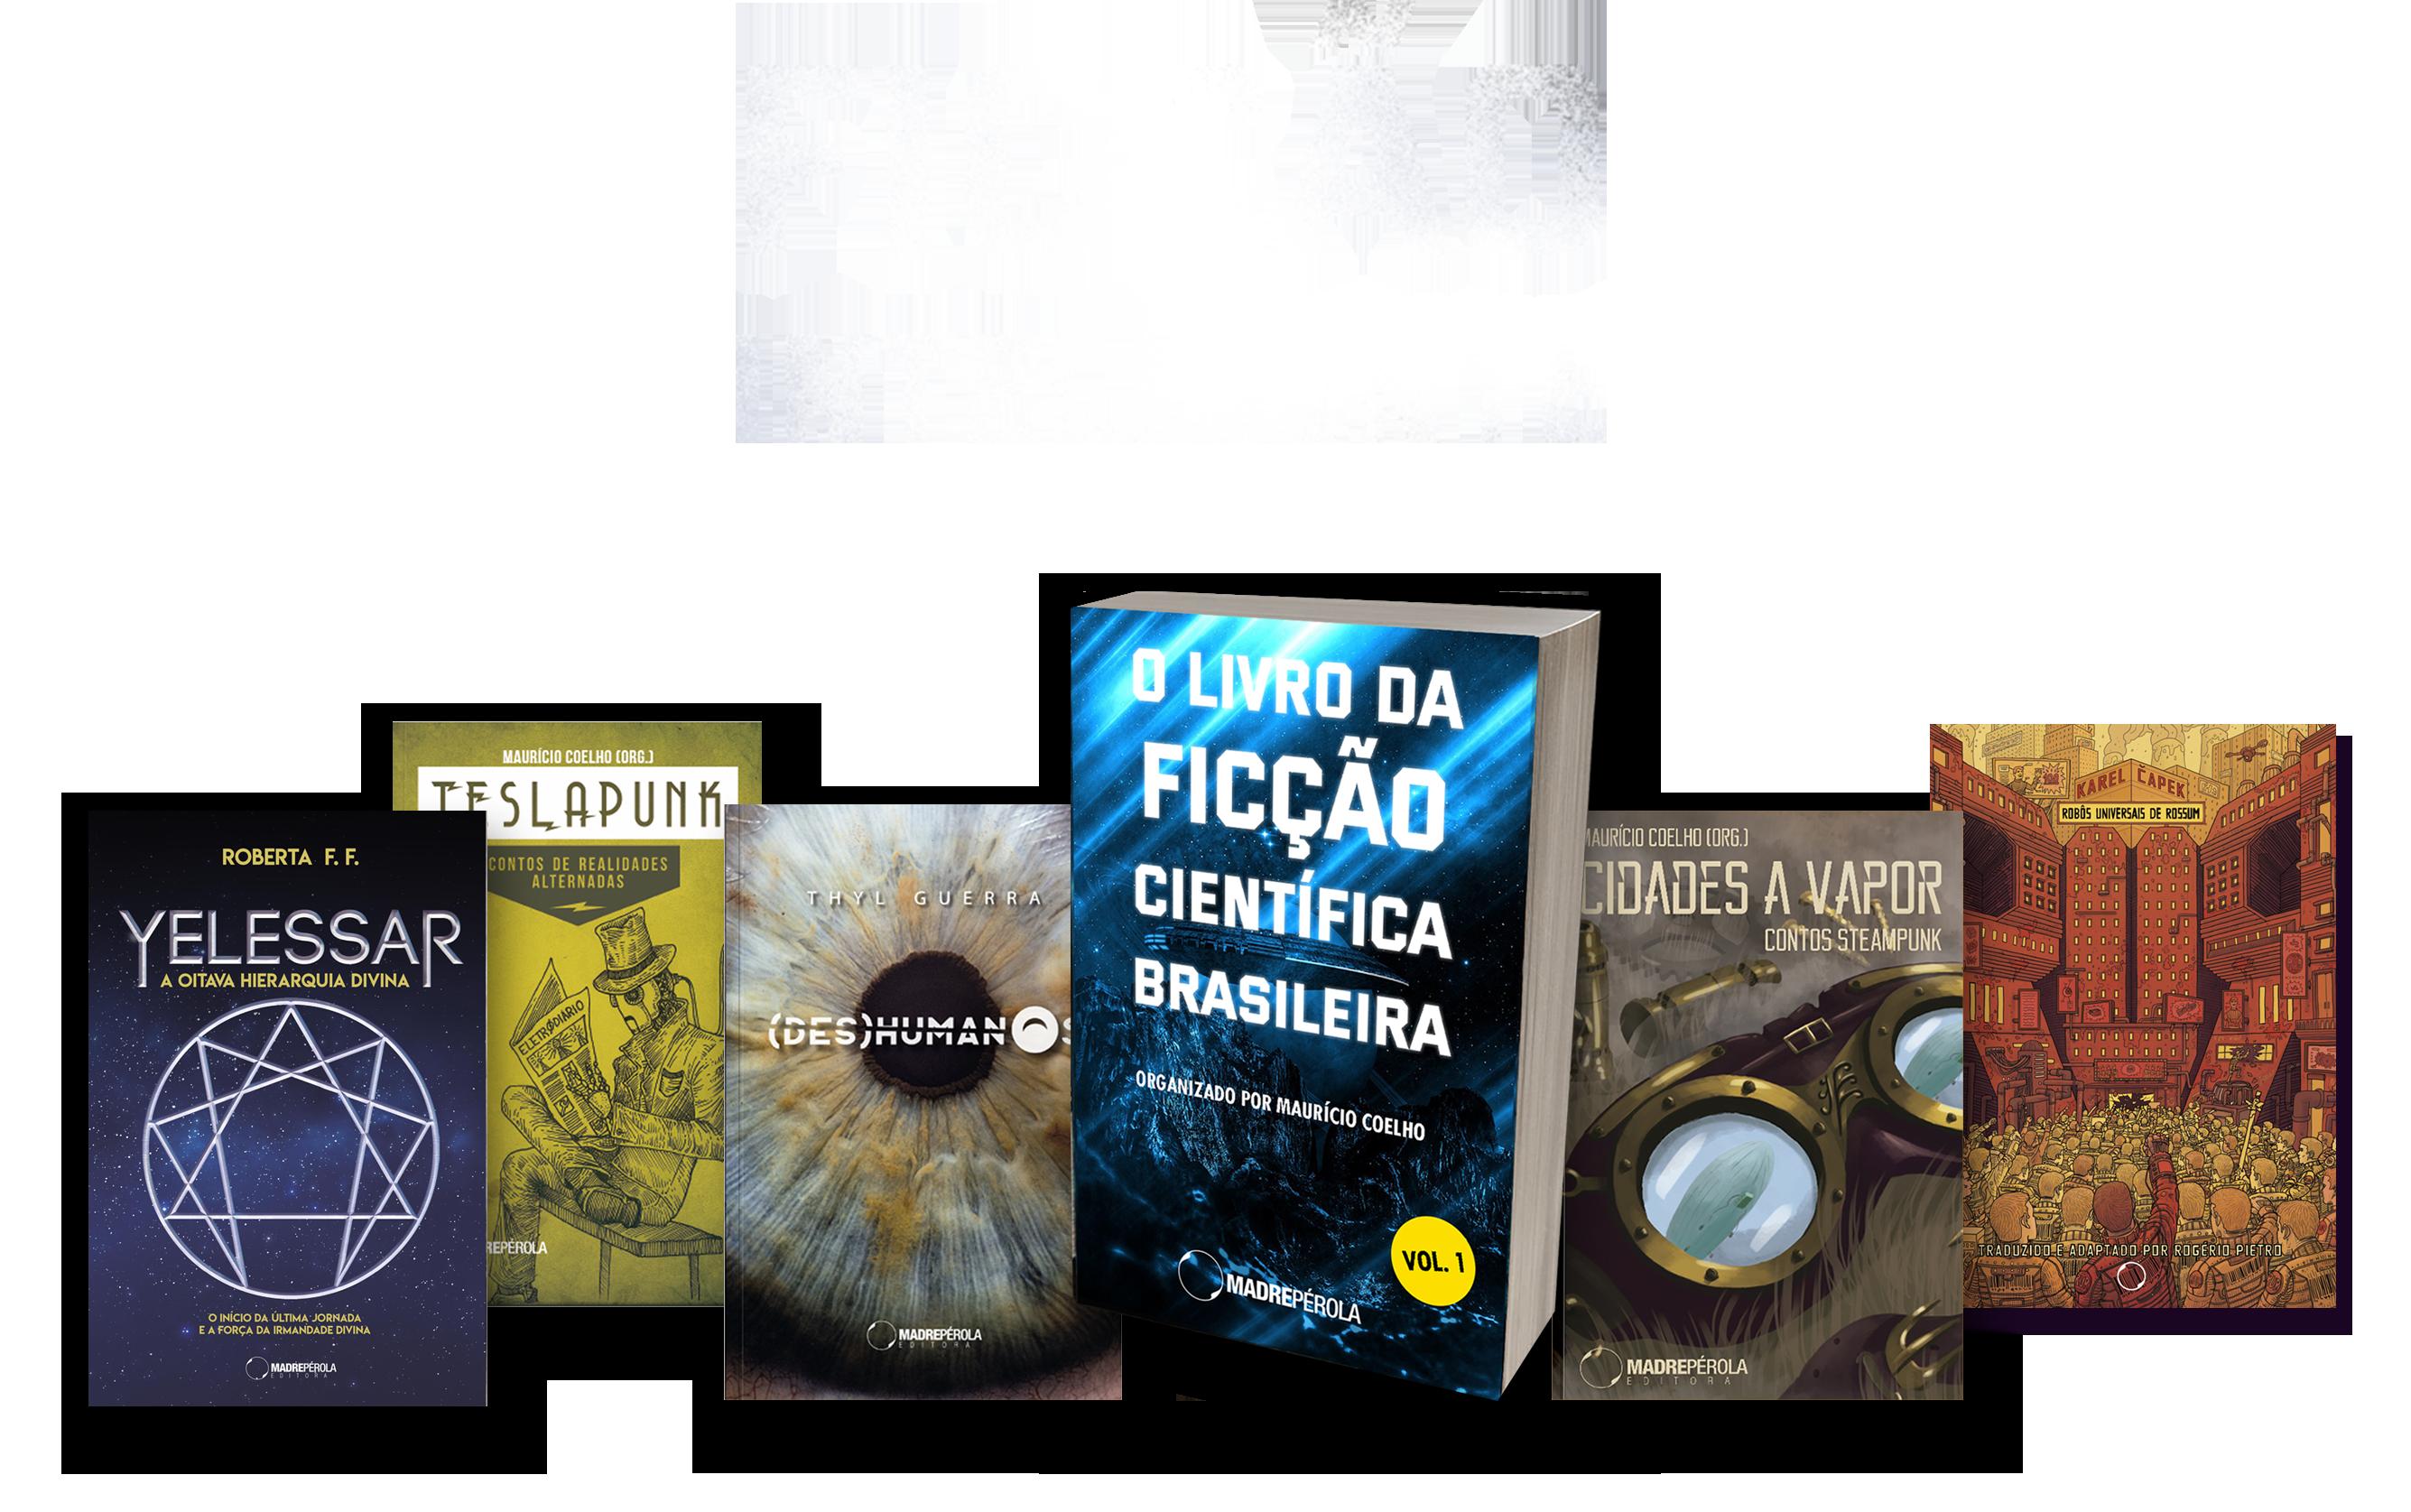 Livros da Ficção inteligente